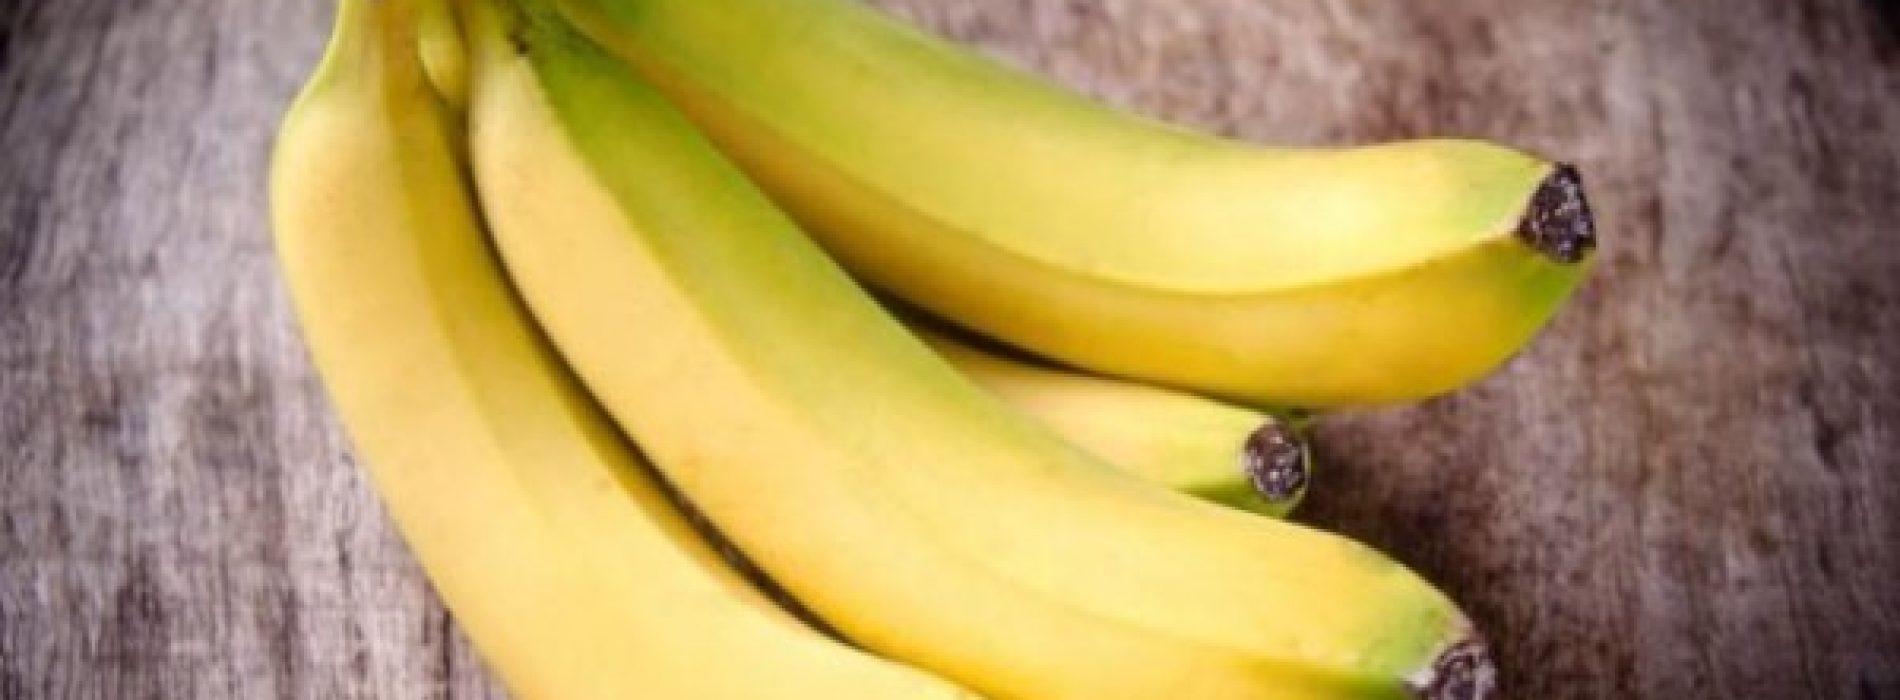 Dit is wat er gebeurt met je lichaam als je 2 bananen per dag eet!